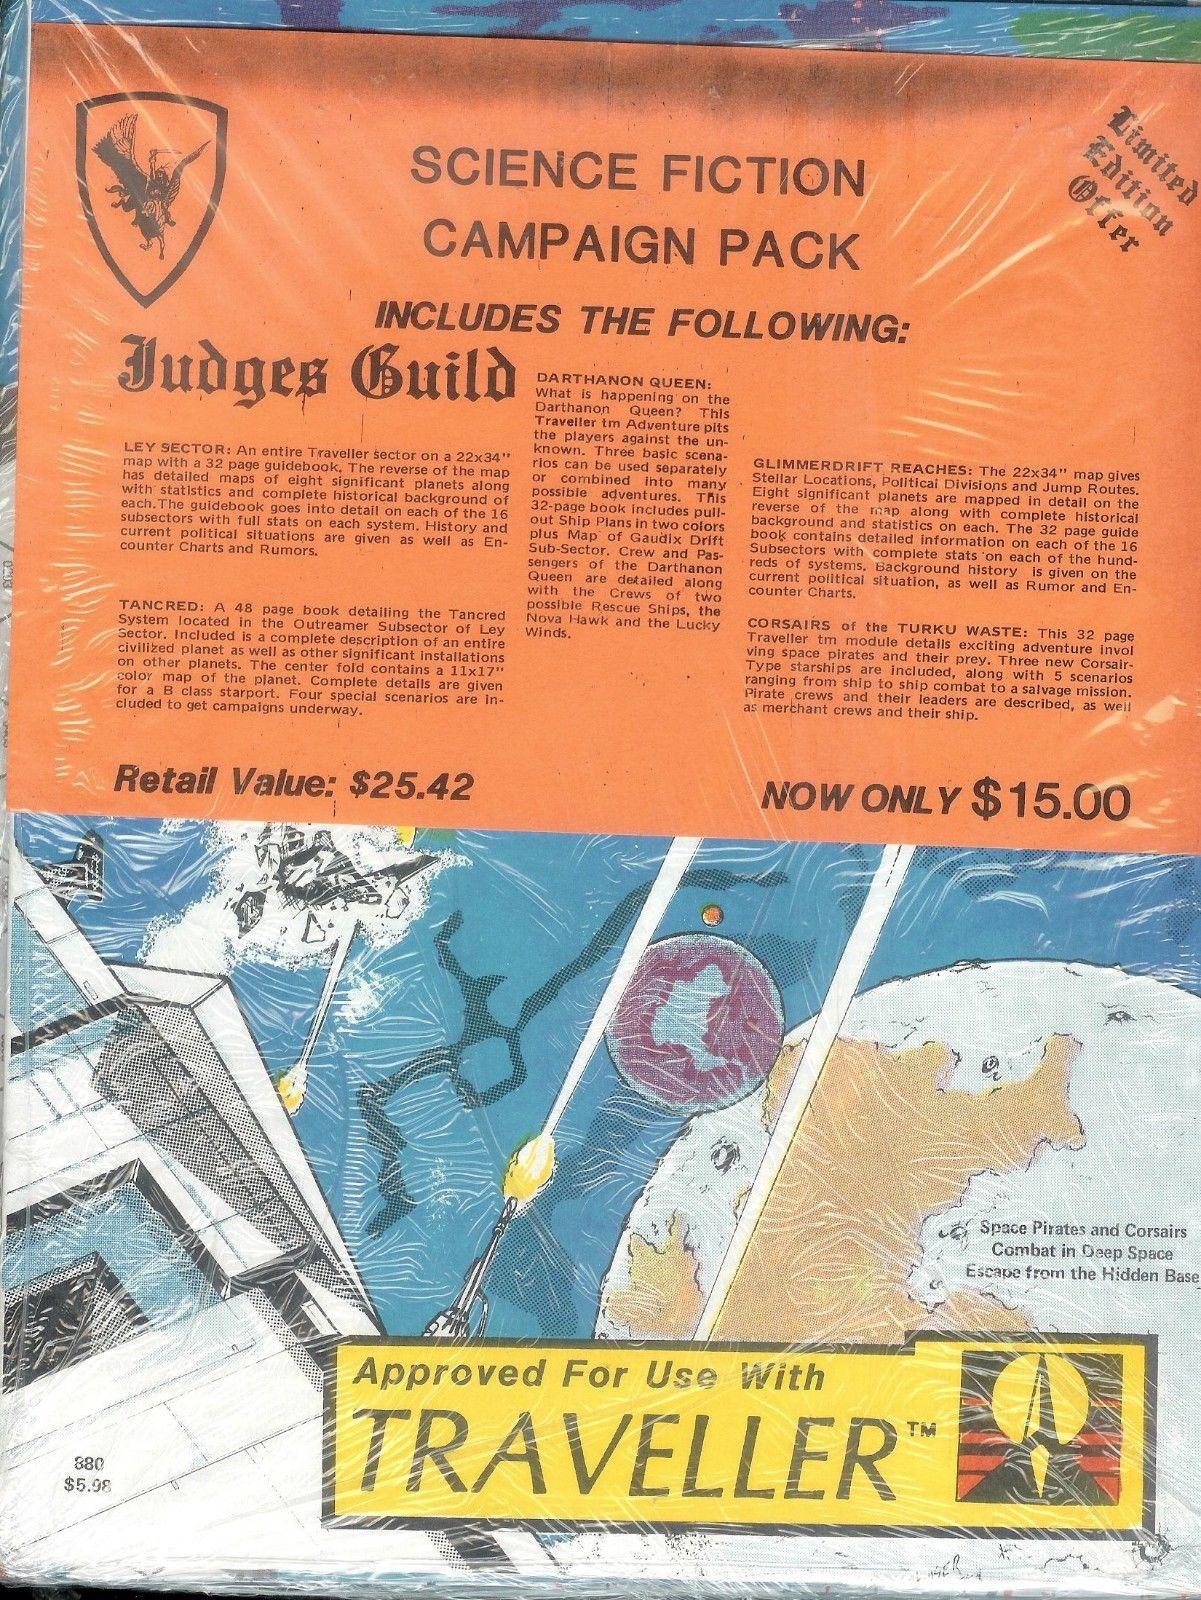 $9 99 - Judges Guild Traveller Science Fiction Campaign Pack Five